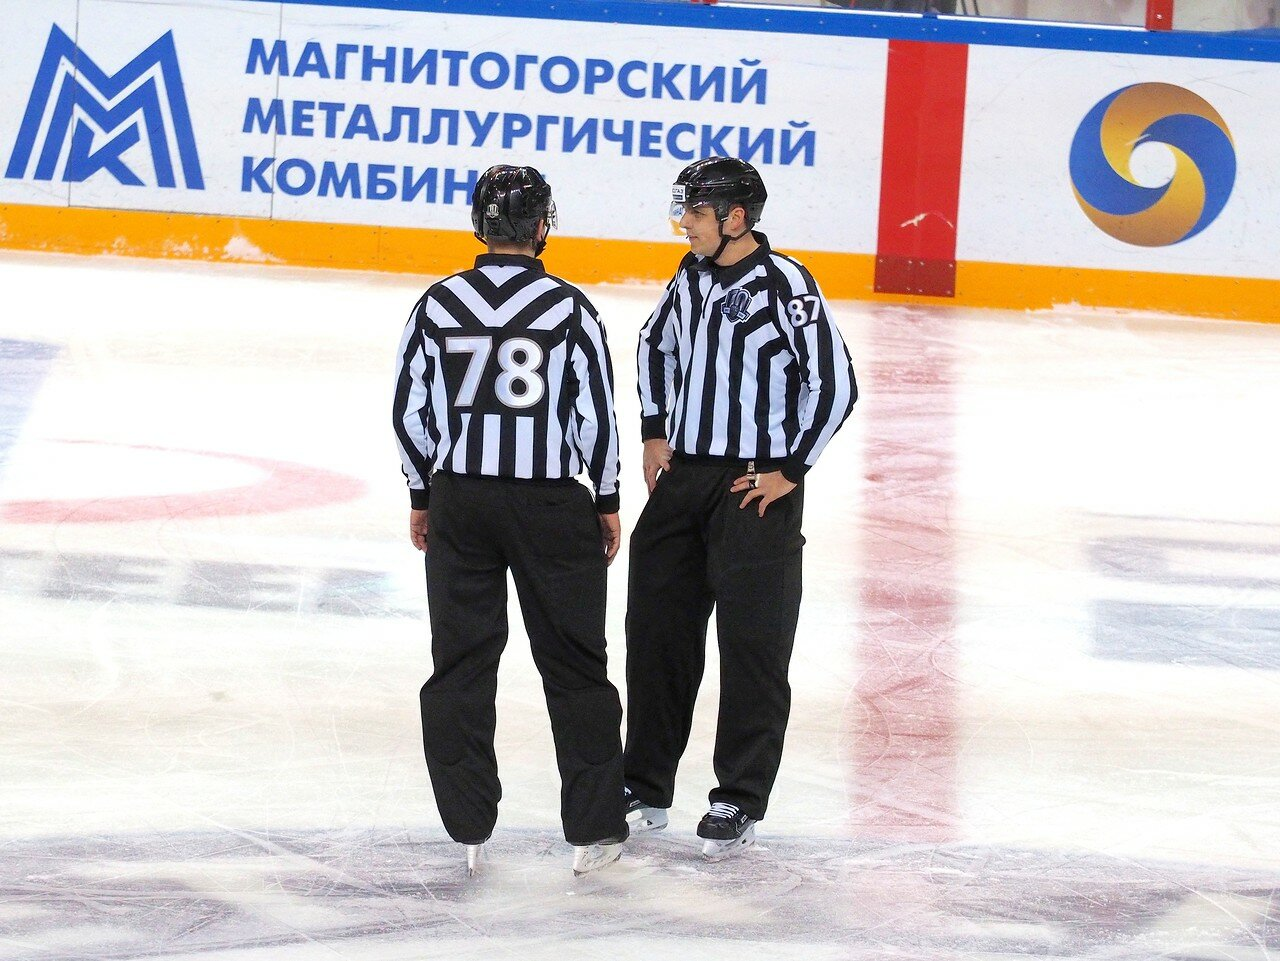 54 Металлург - Спартак 30.11.2017